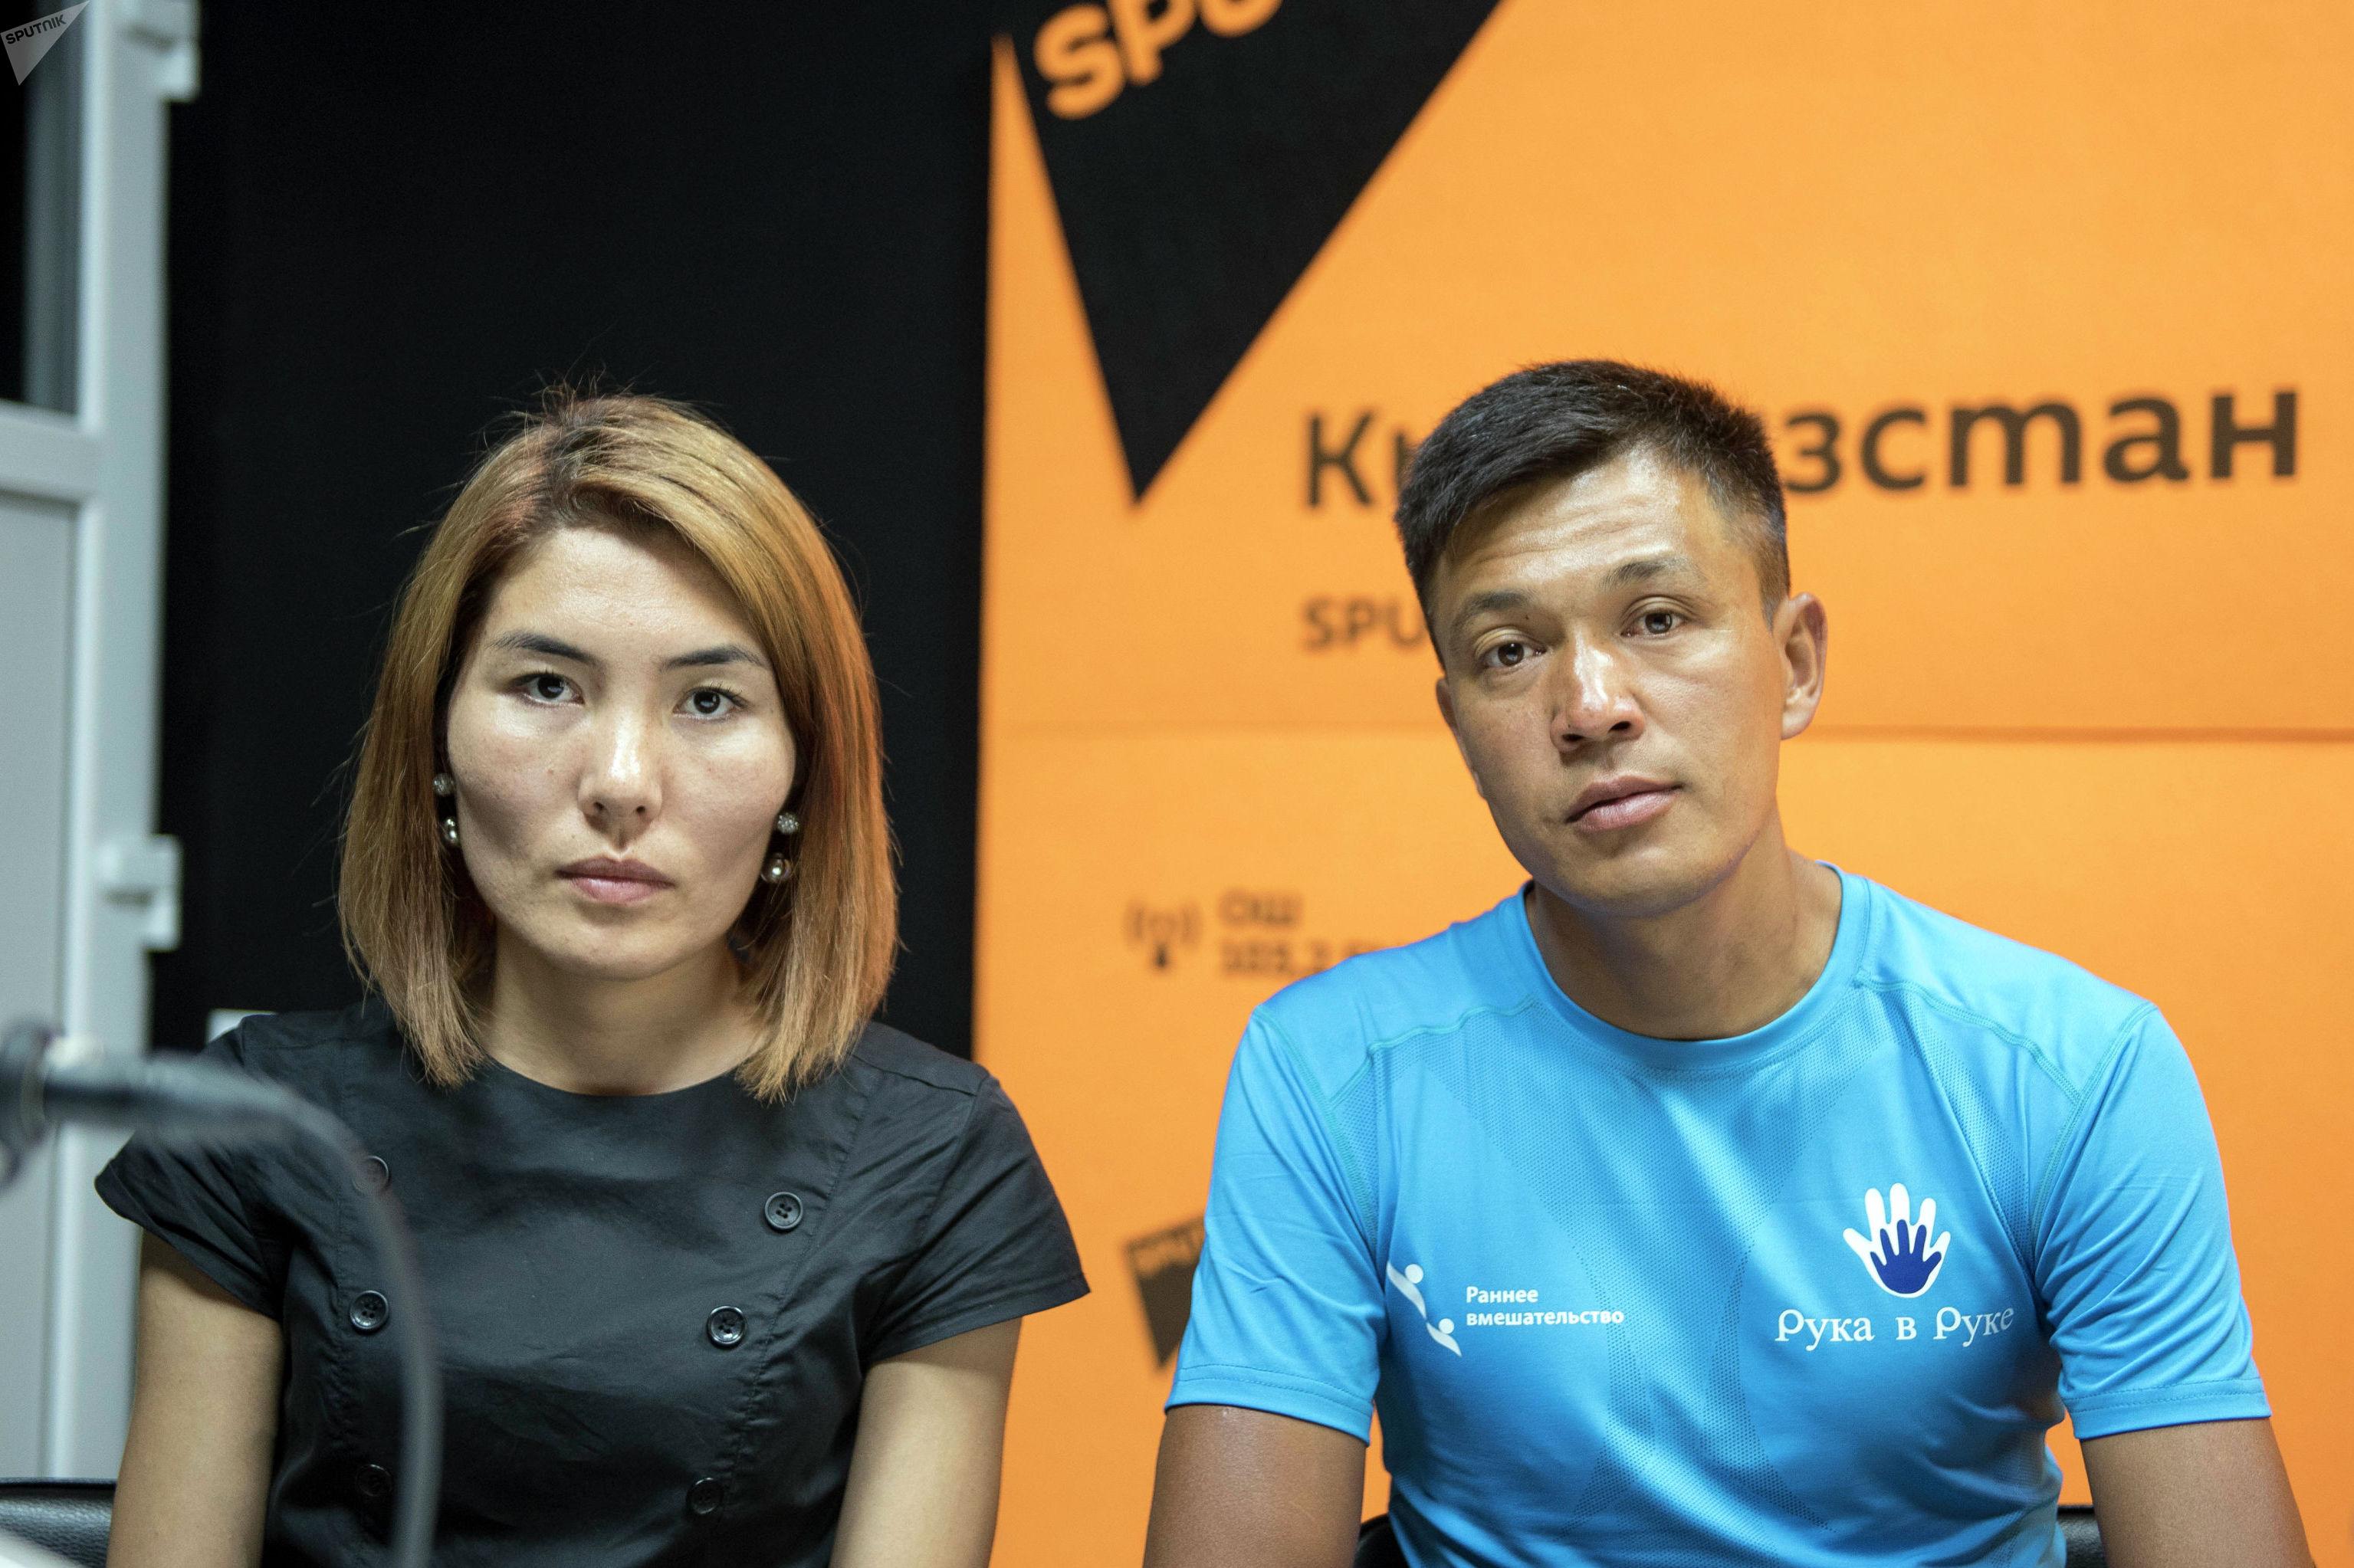 Кыргызстанец Мирлан Ишенов с супругой Касиет Унжурбаевой